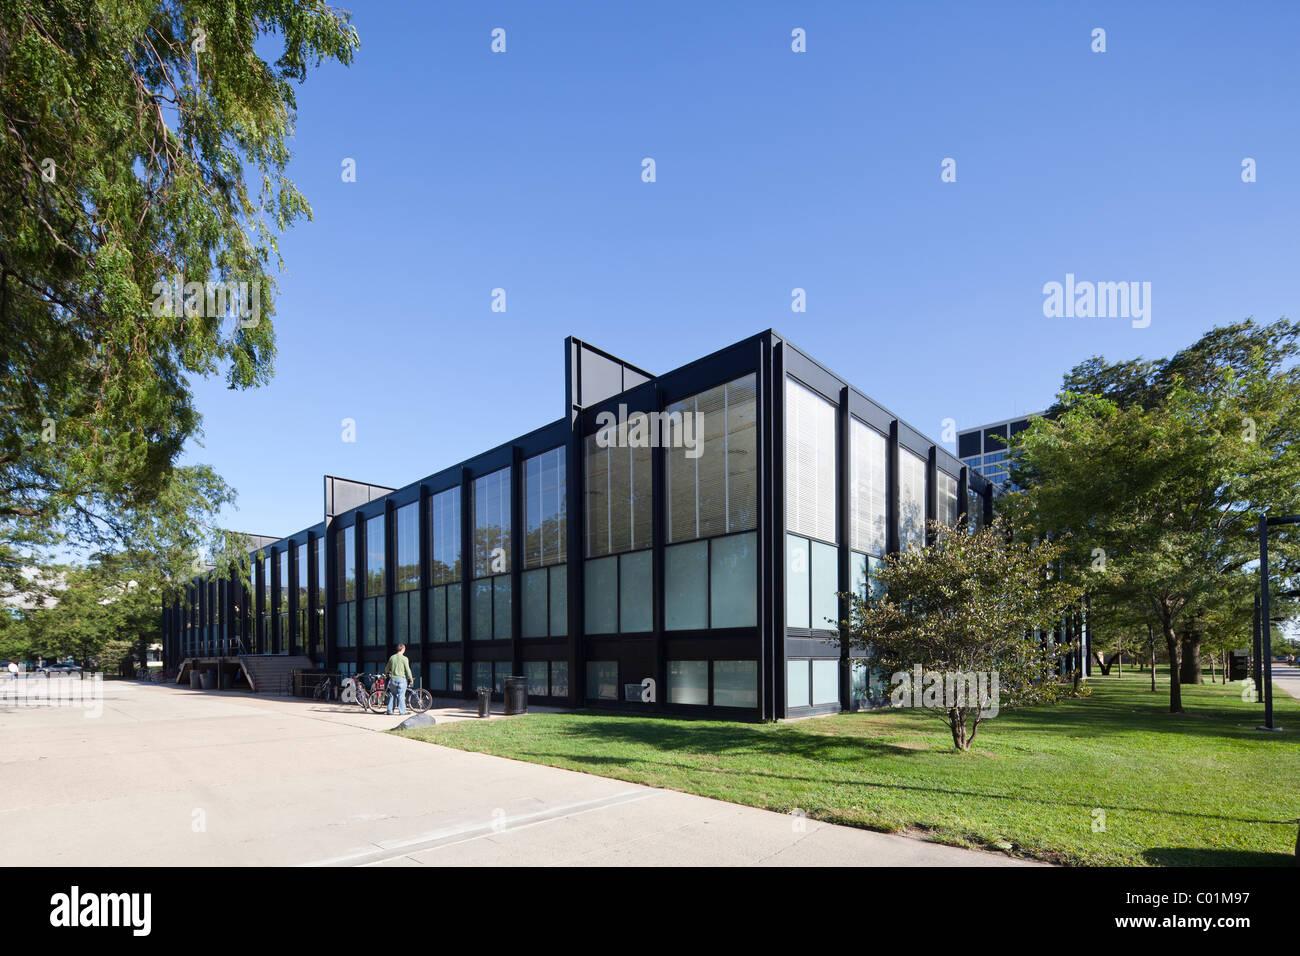 Hochschule Fã¼R Architektur | S R Crown Hall Hochschule Fur Architektur Illinois Institute Of